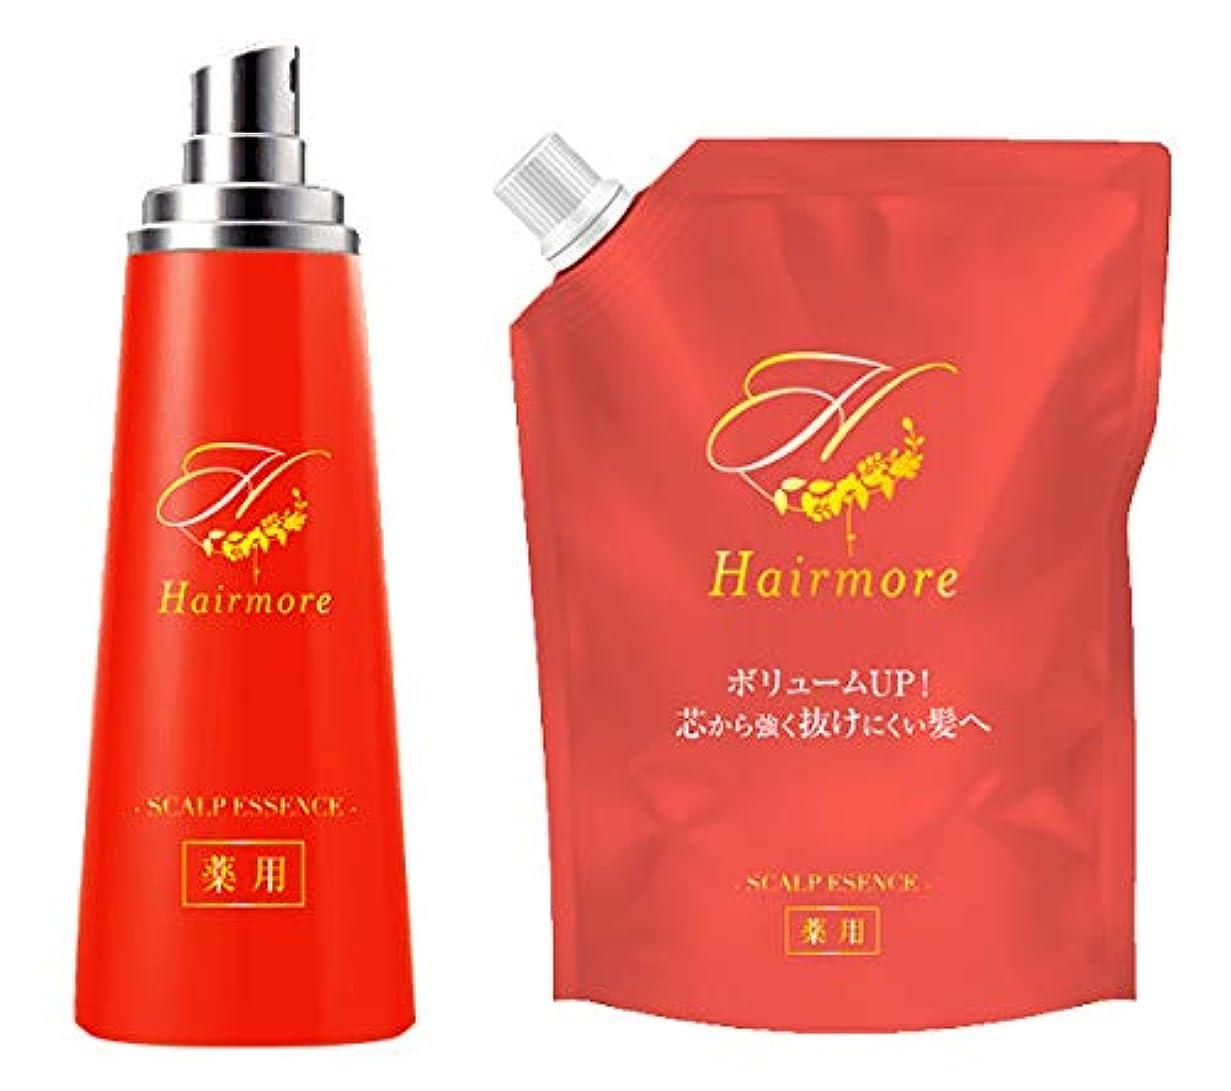 素晴らしいです一定集中的なヘアモア Hairmore スカルプケアエッセンス エストラジオール配合 育毛剤 【医薬部外品】【2個セット】